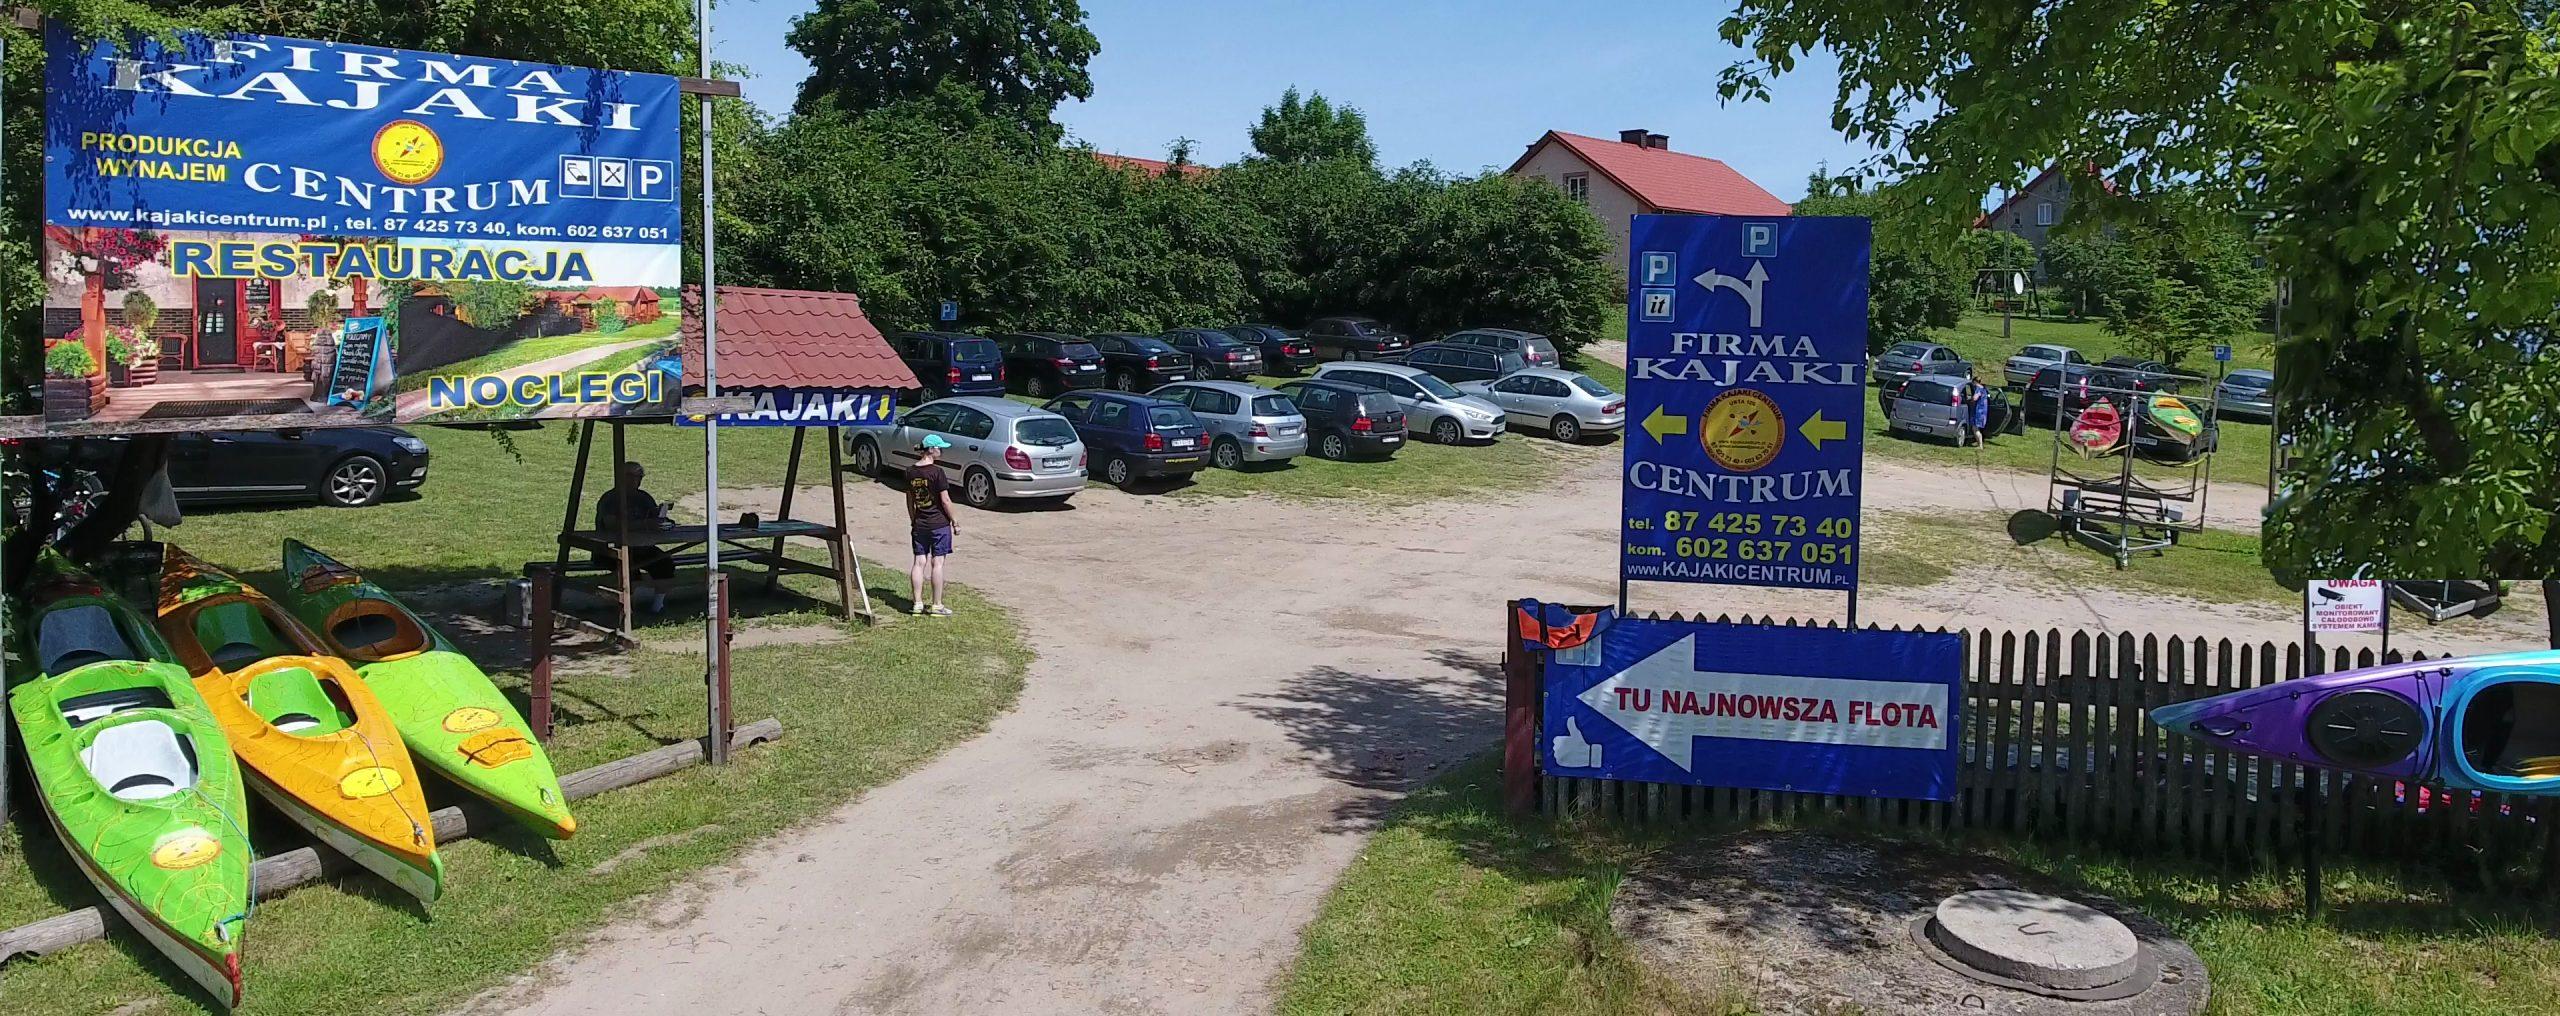 Wypożyczalnia kajaków, Przystań Ukta, Kajaki Centrum